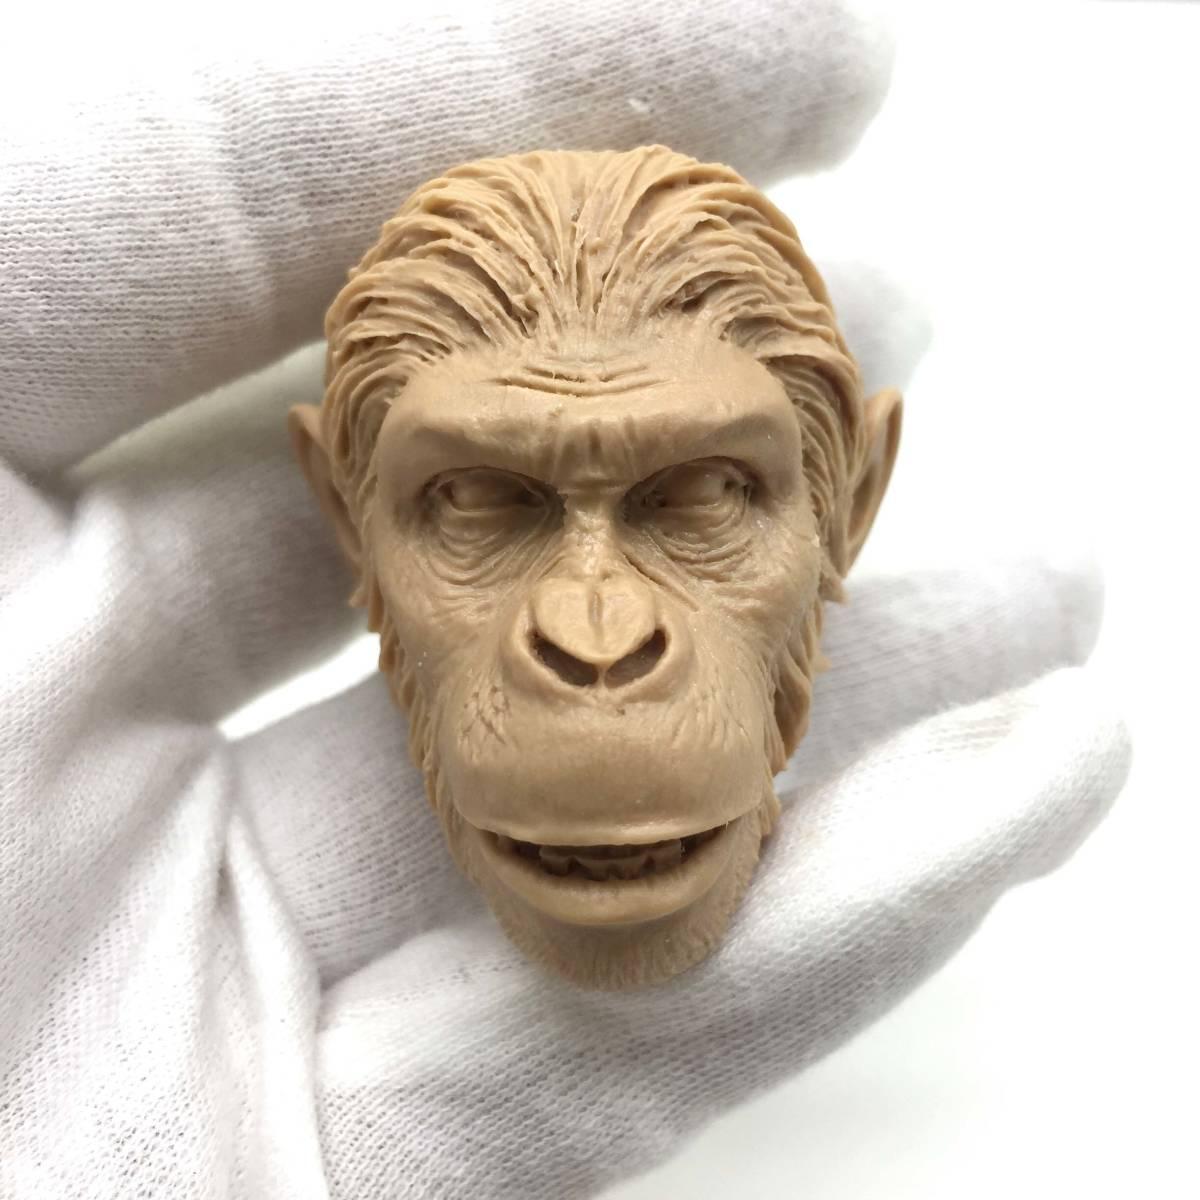 送料無料 1/6 DIY ヘッド 手作り 未塗装ヘッド 猿の惑星 番号B46_画像1